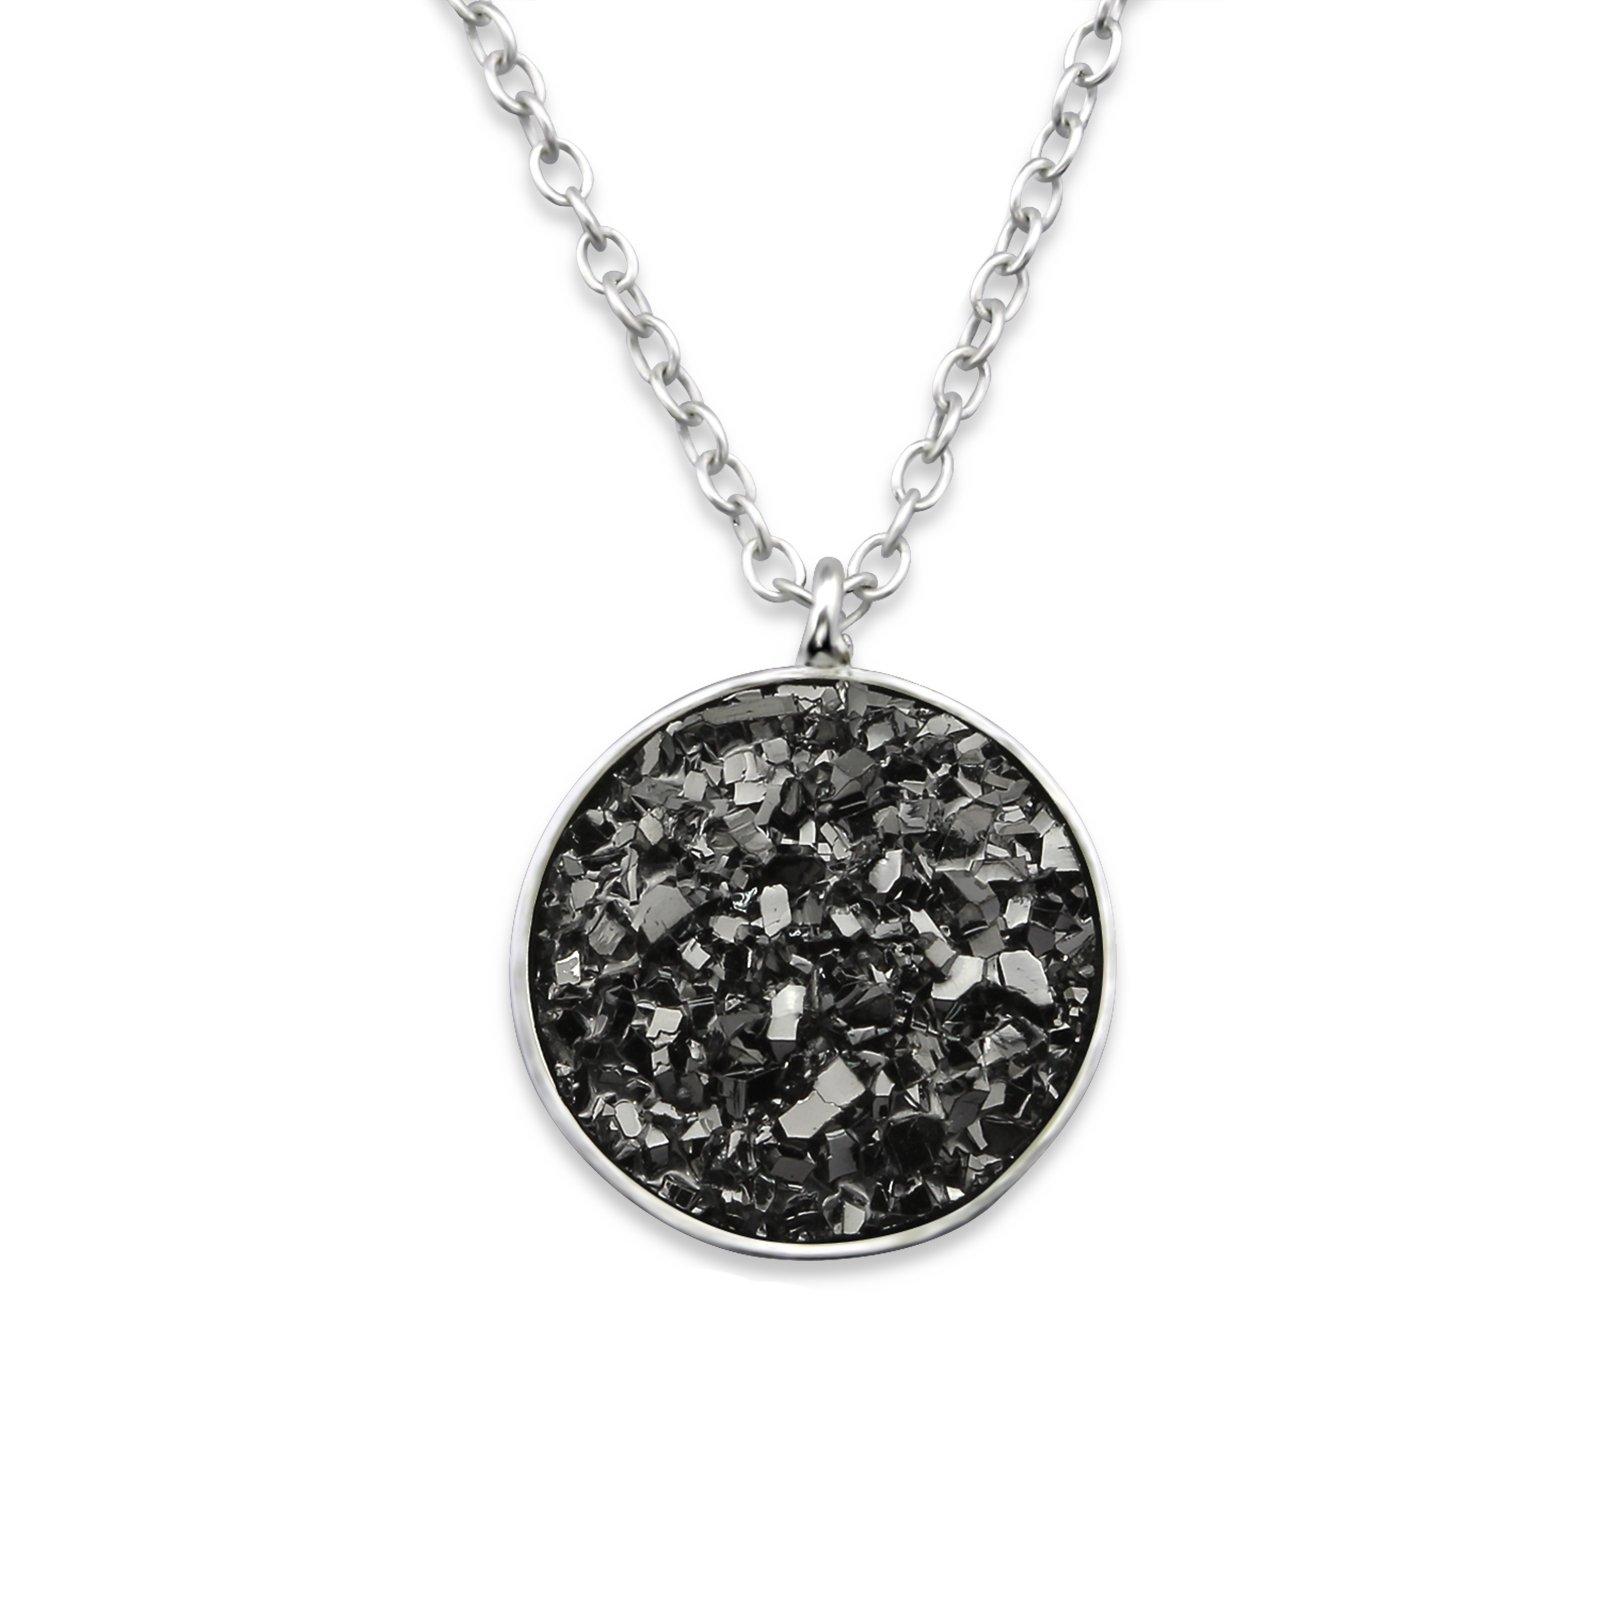 Atik Jewelry Silver Round Necklace with Druzy Stone - Grey